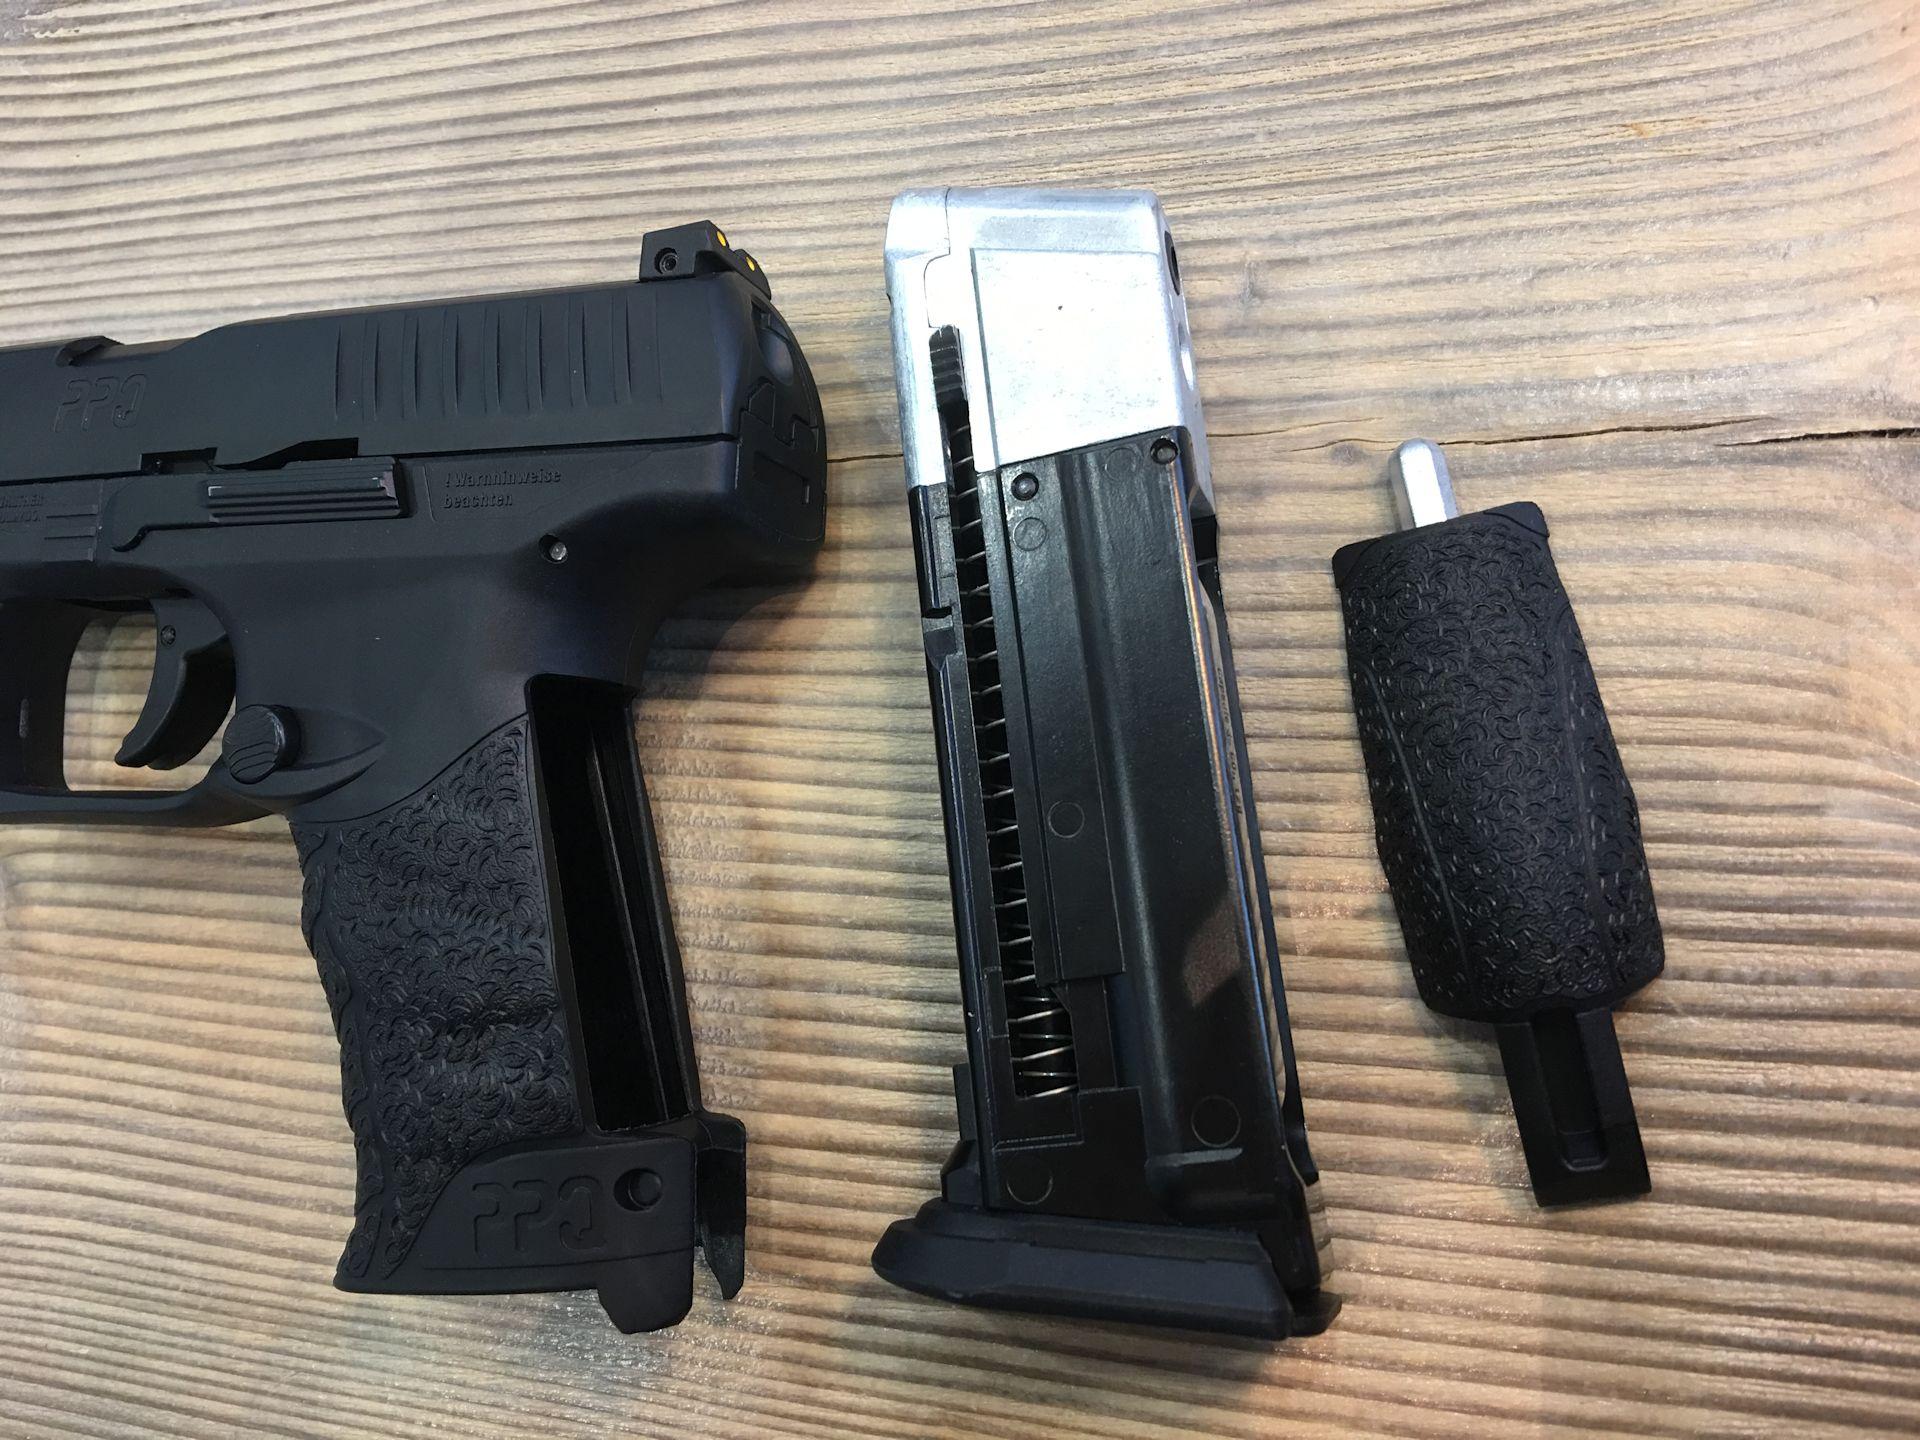 Die Pistole Walther PPQ M2 T4E hat ein herausnehmbares Magazin mit intergrierter Aufnahme für die CO2 Kartusche